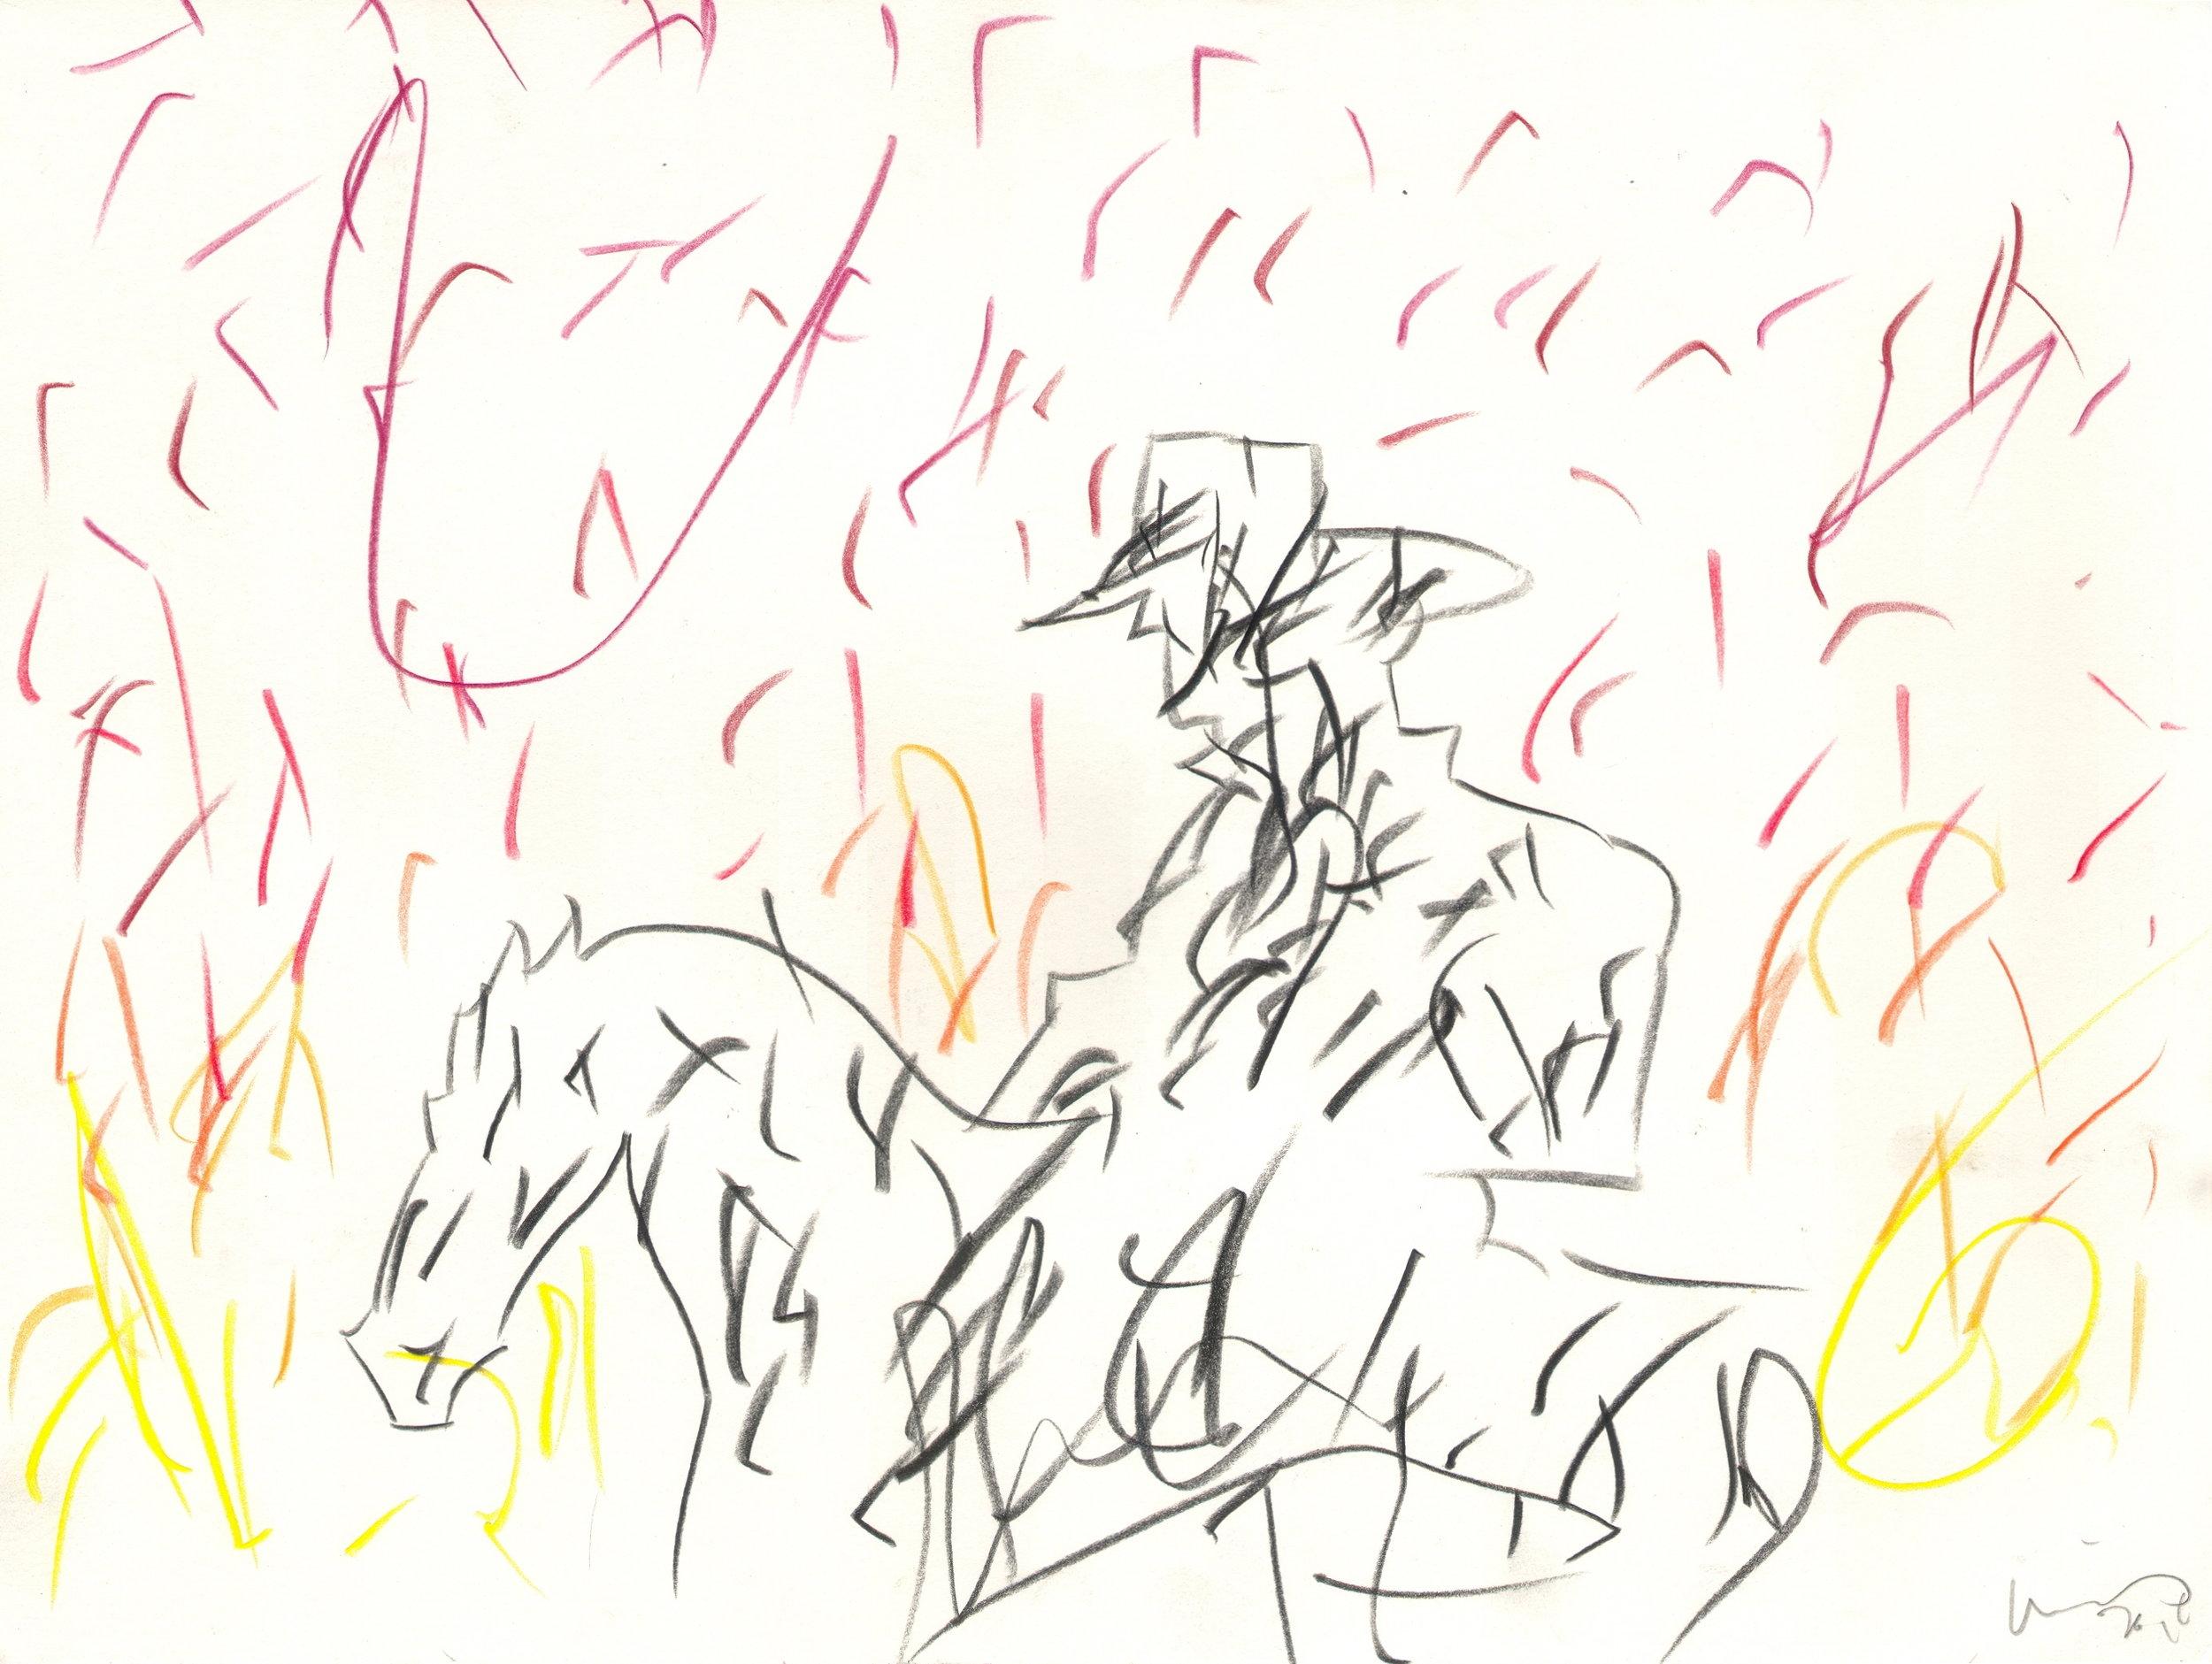 O.T. ( Serie Cowboys I ), 2016  Bleistift auf Papier, 26x35.5cm